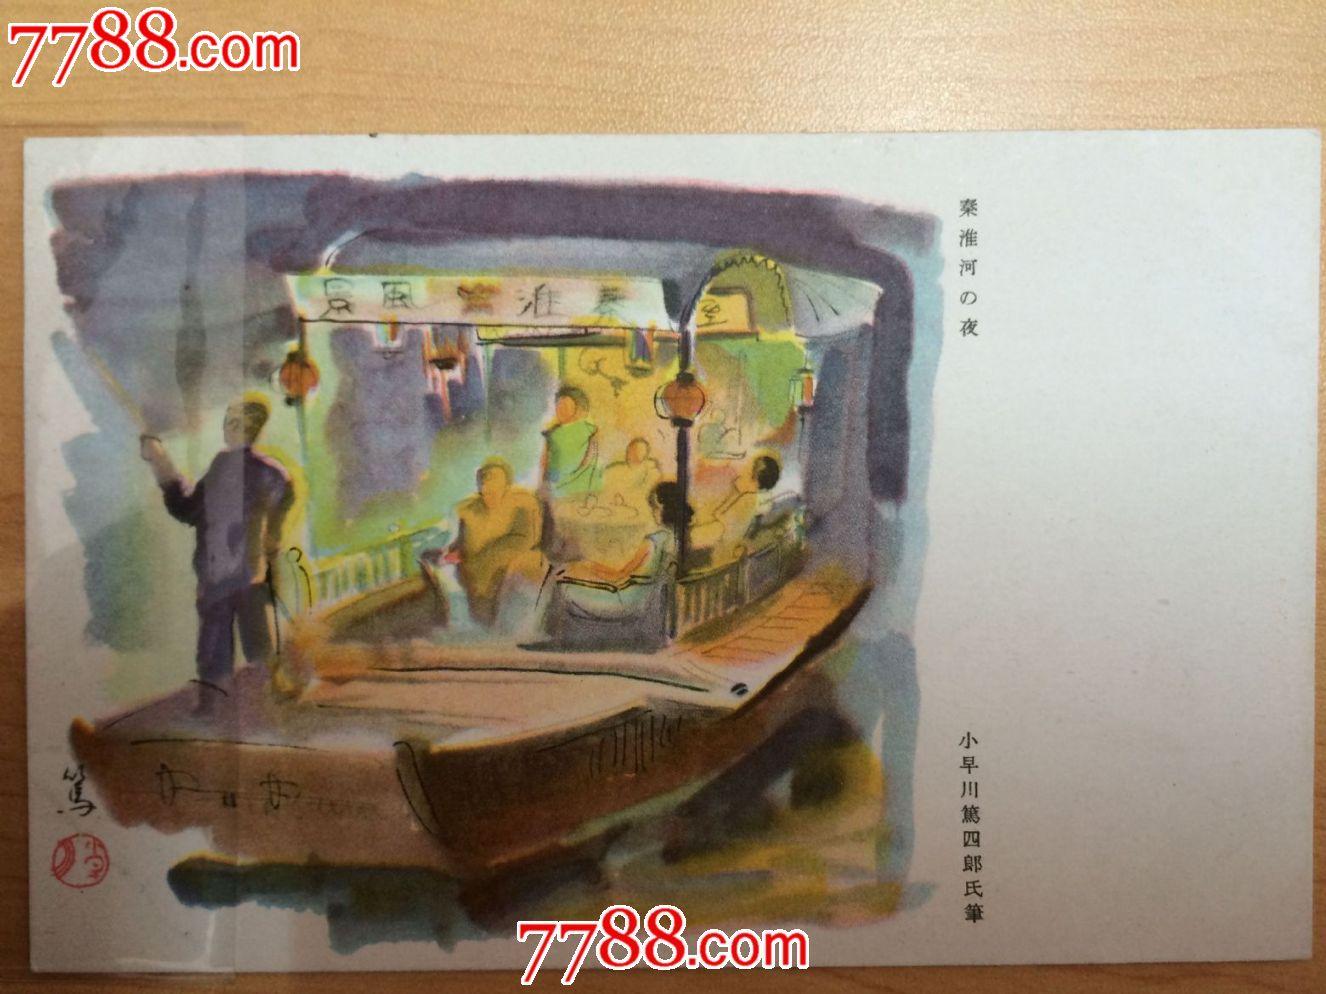 民国时期手绘彩色风俗老明信片秦淮河之夜